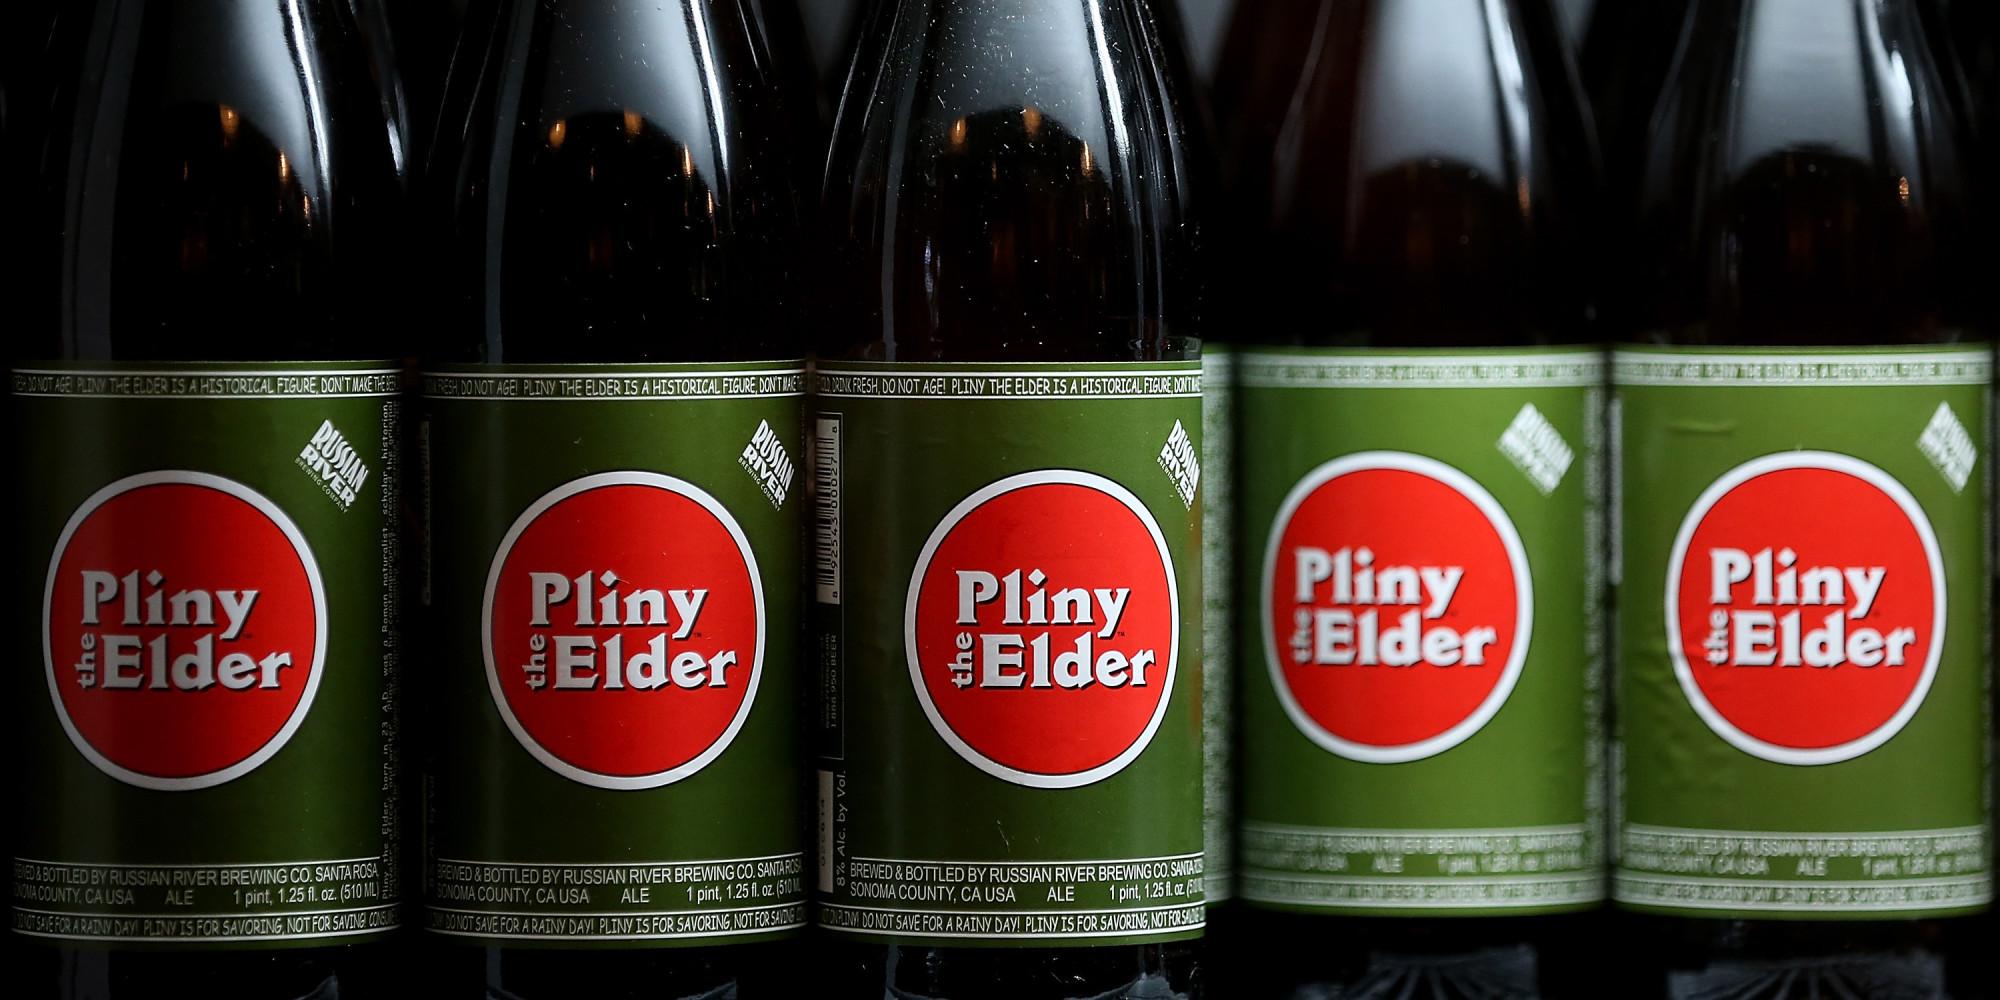 The Elder Craft Beer